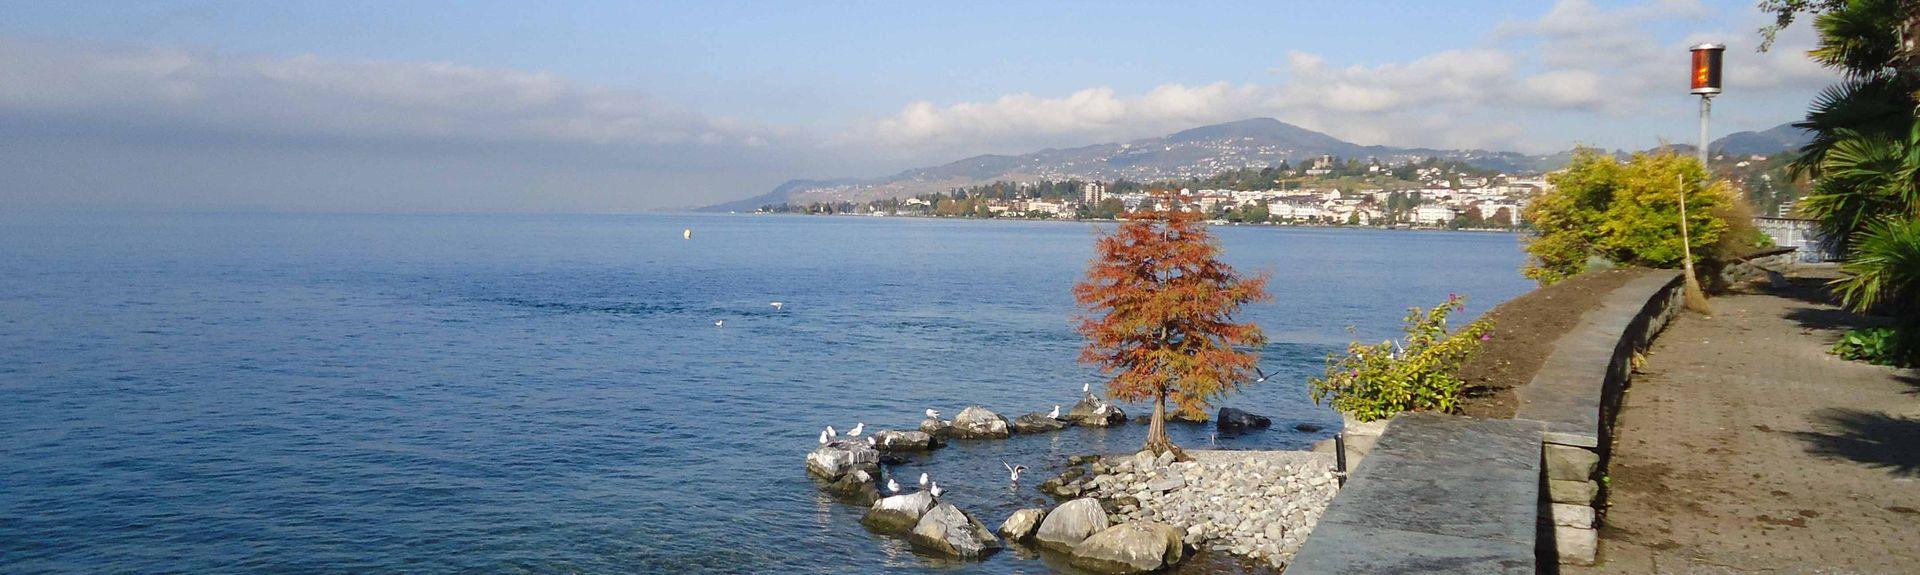 Palézieux, Cantón de Vaud, Suiza